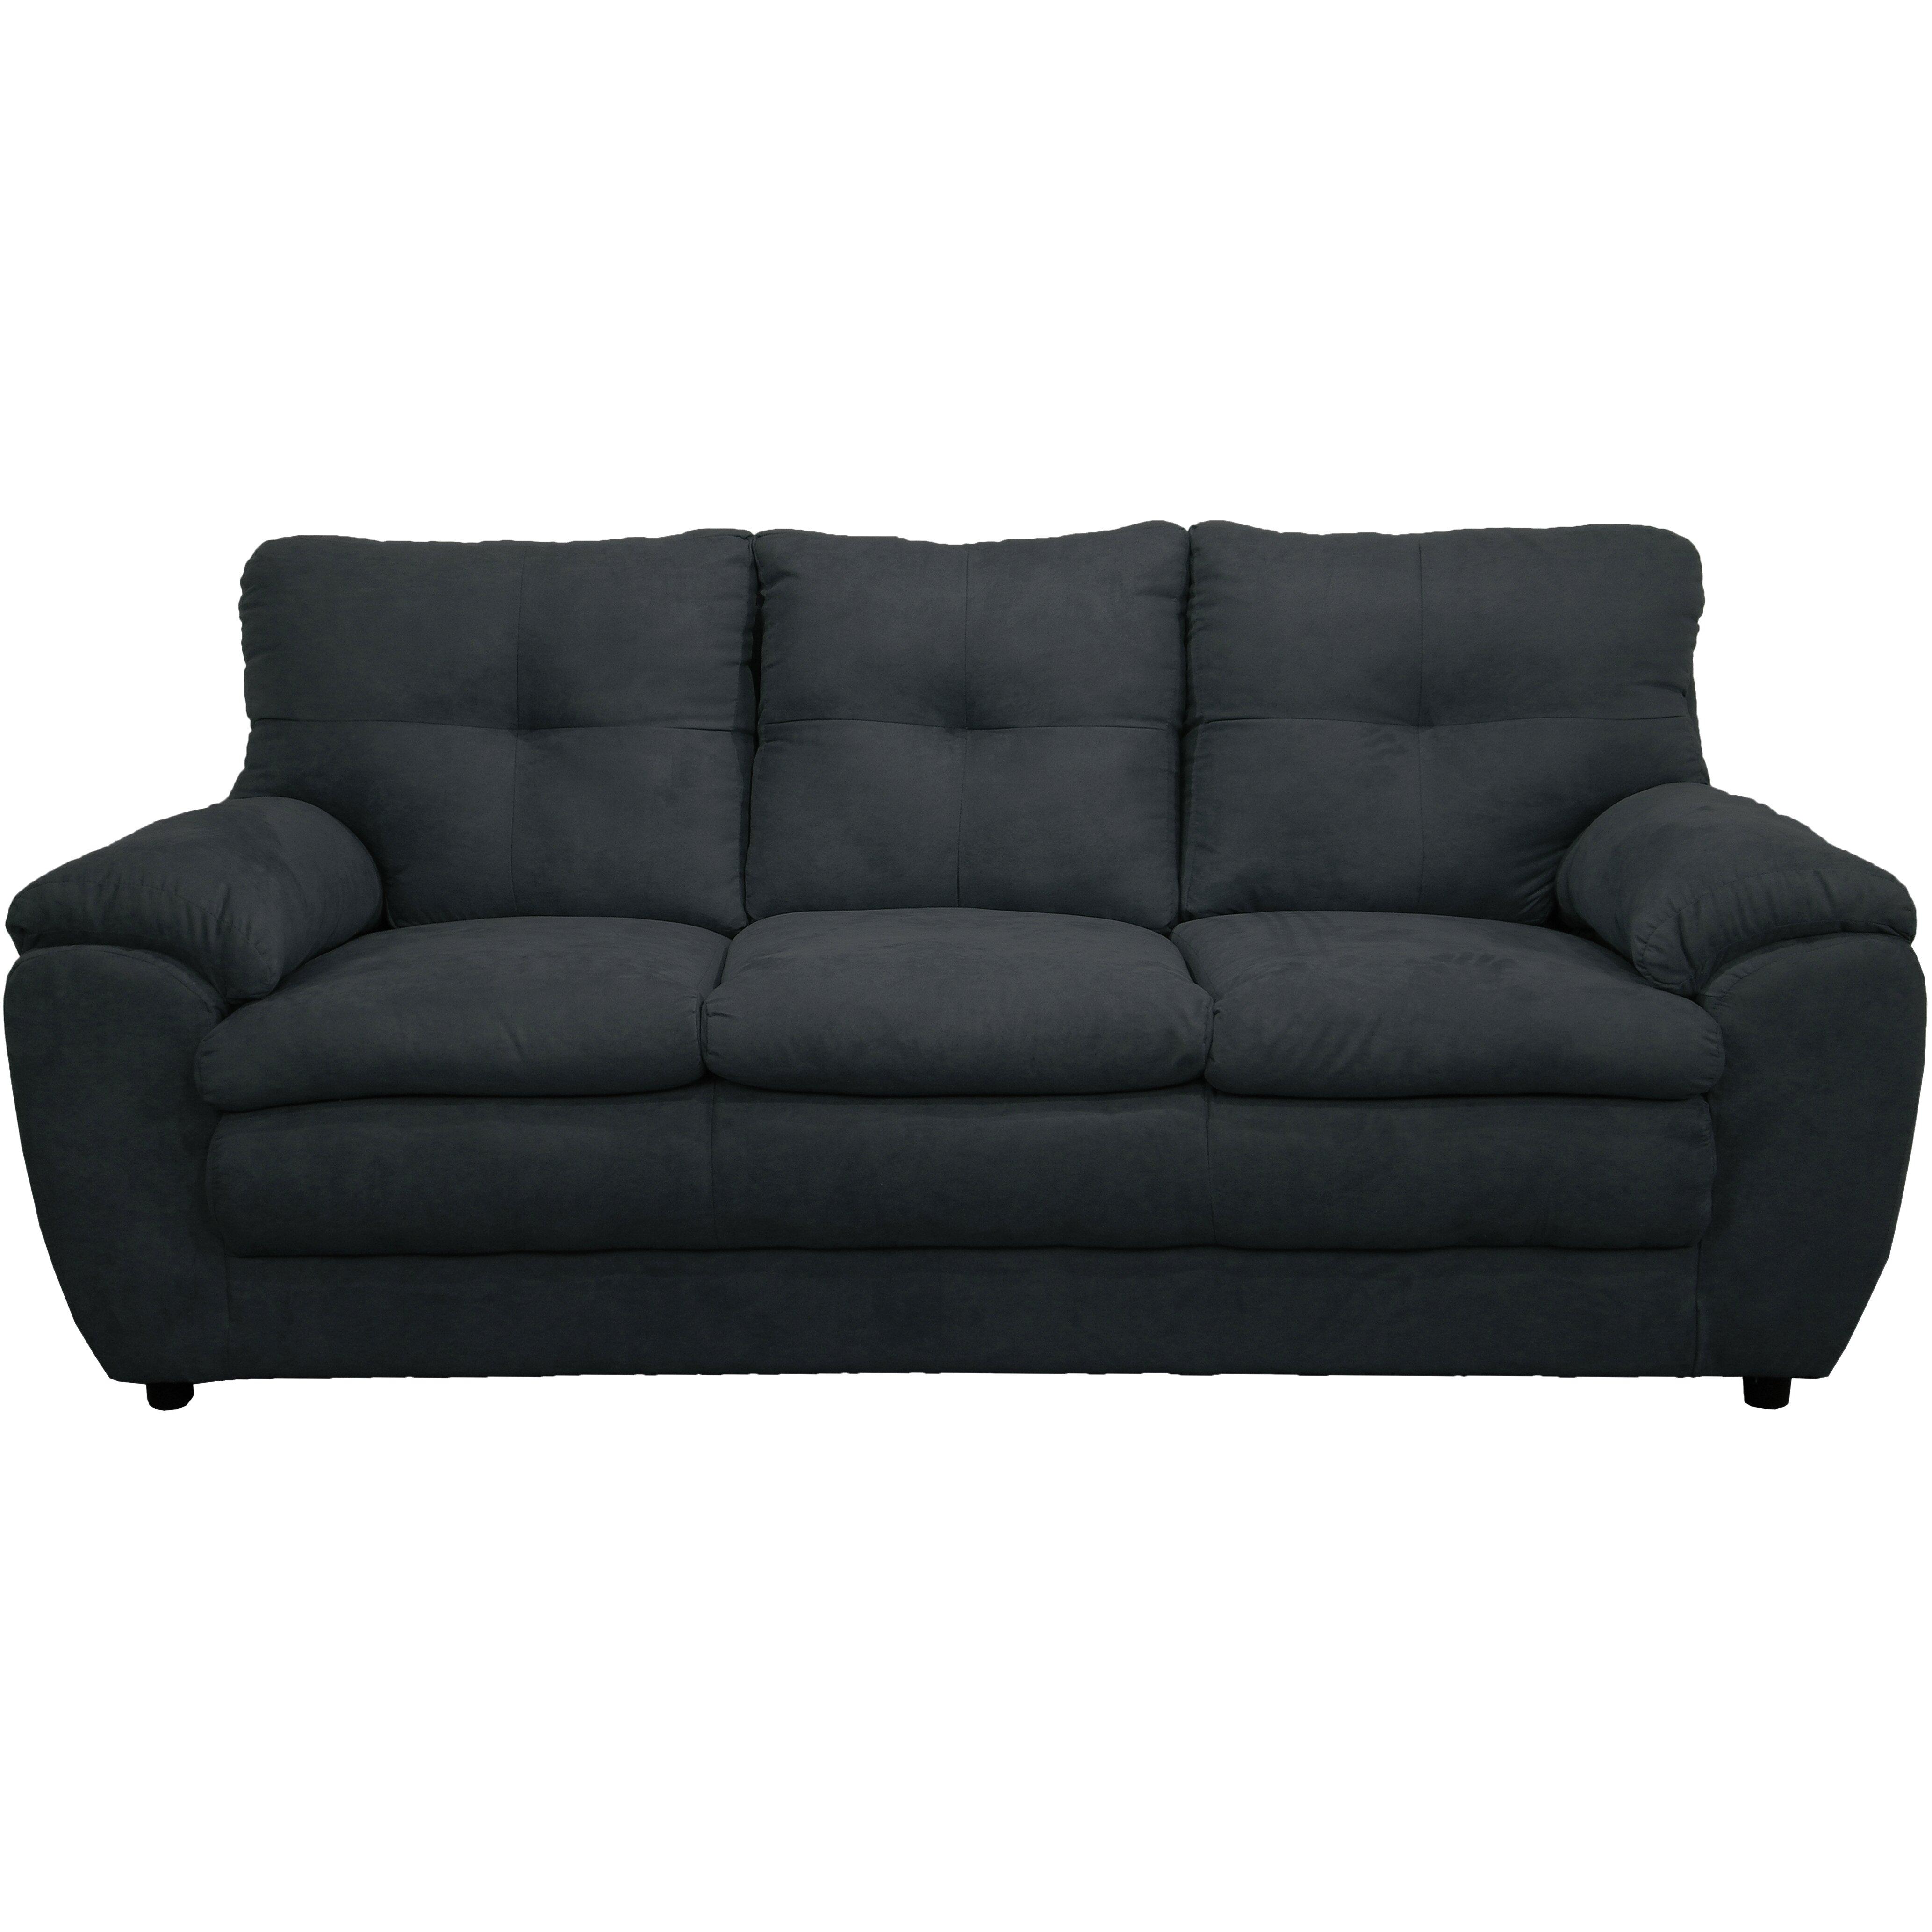 Lovesac Sofa For Sale: Red Barrel Studio Beneduce Sofa & Reviews